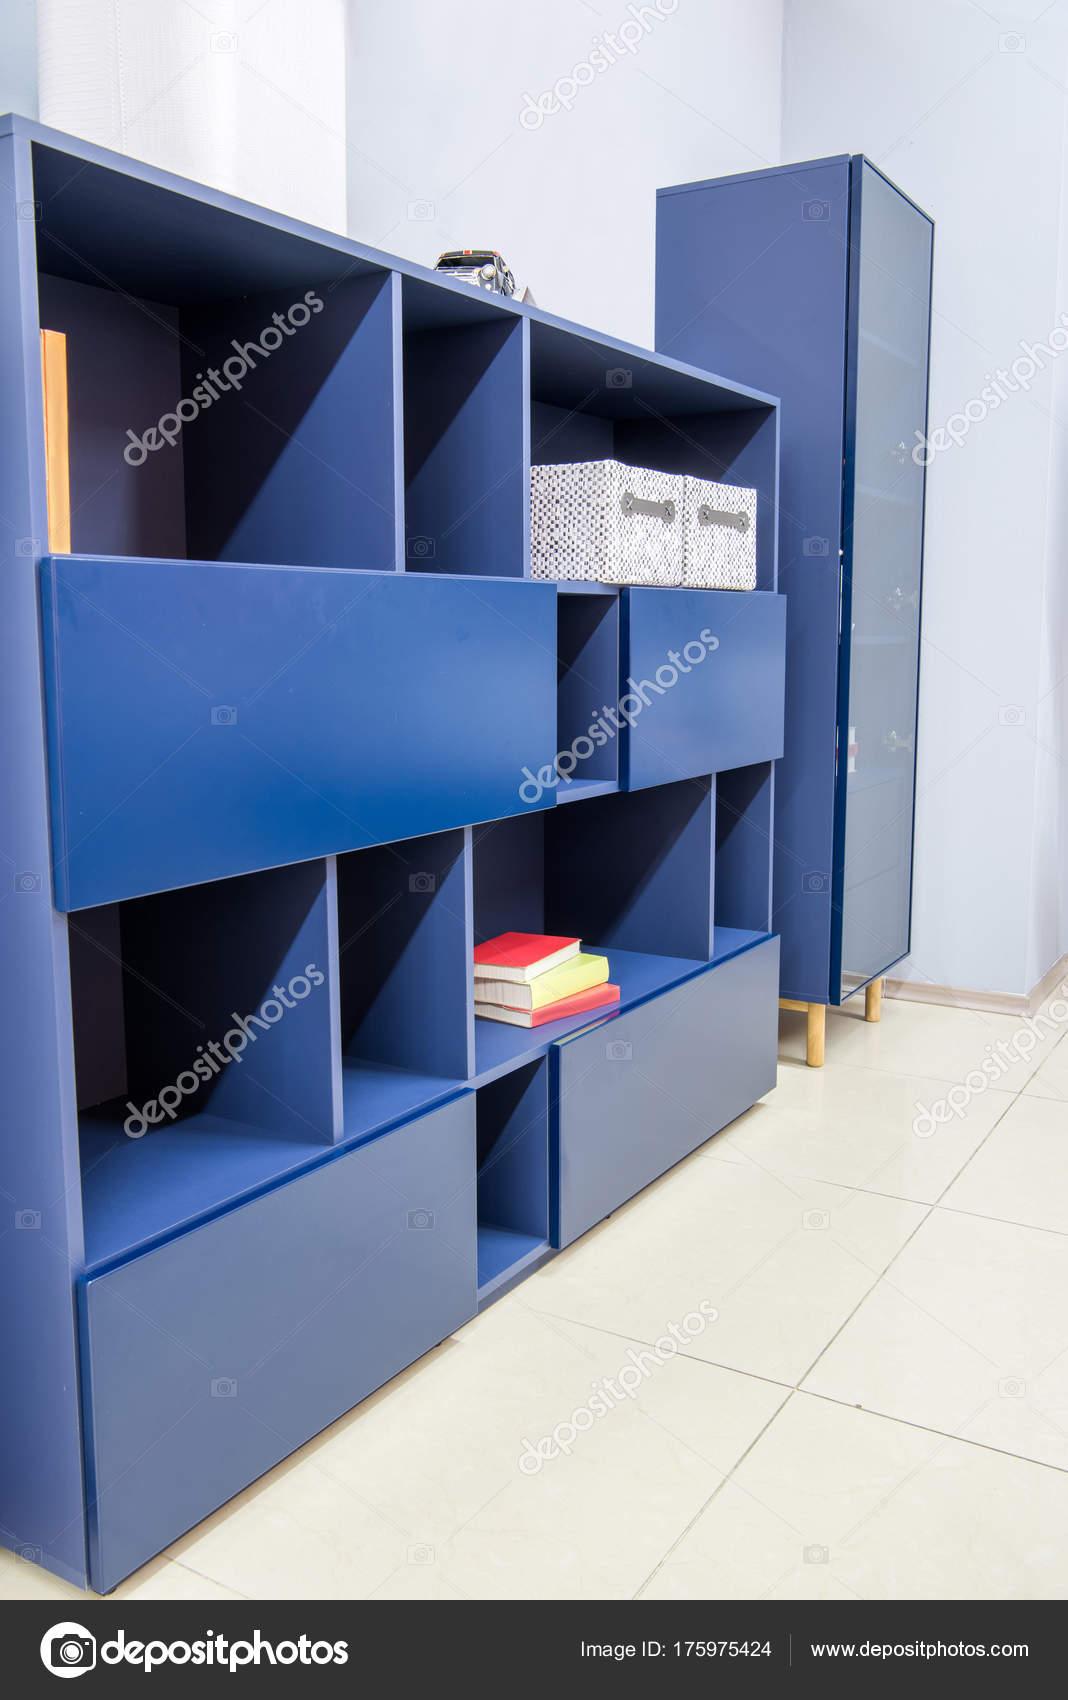 Moderne Wohnzimmer Interieur Mit Blauen Schränke — Stockfoto ...